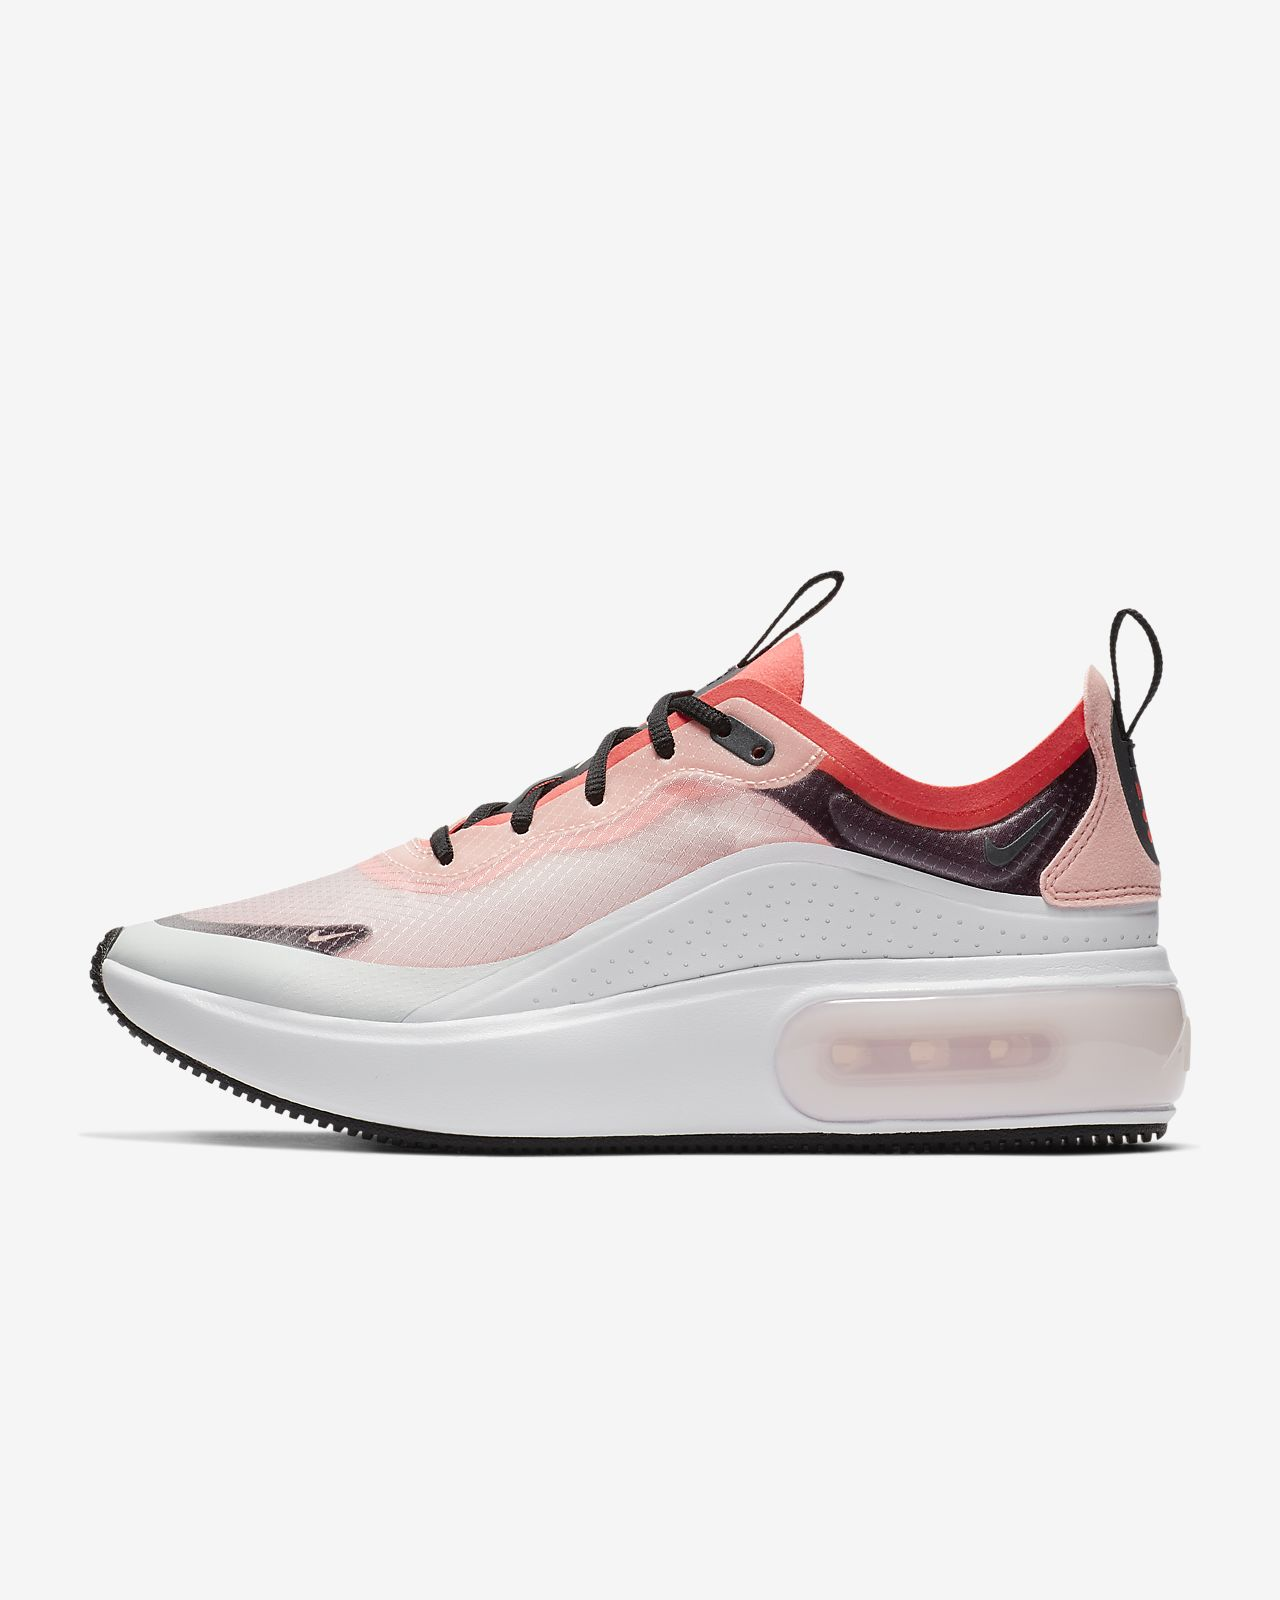 Nike Air Max Dia SE QS Shoe